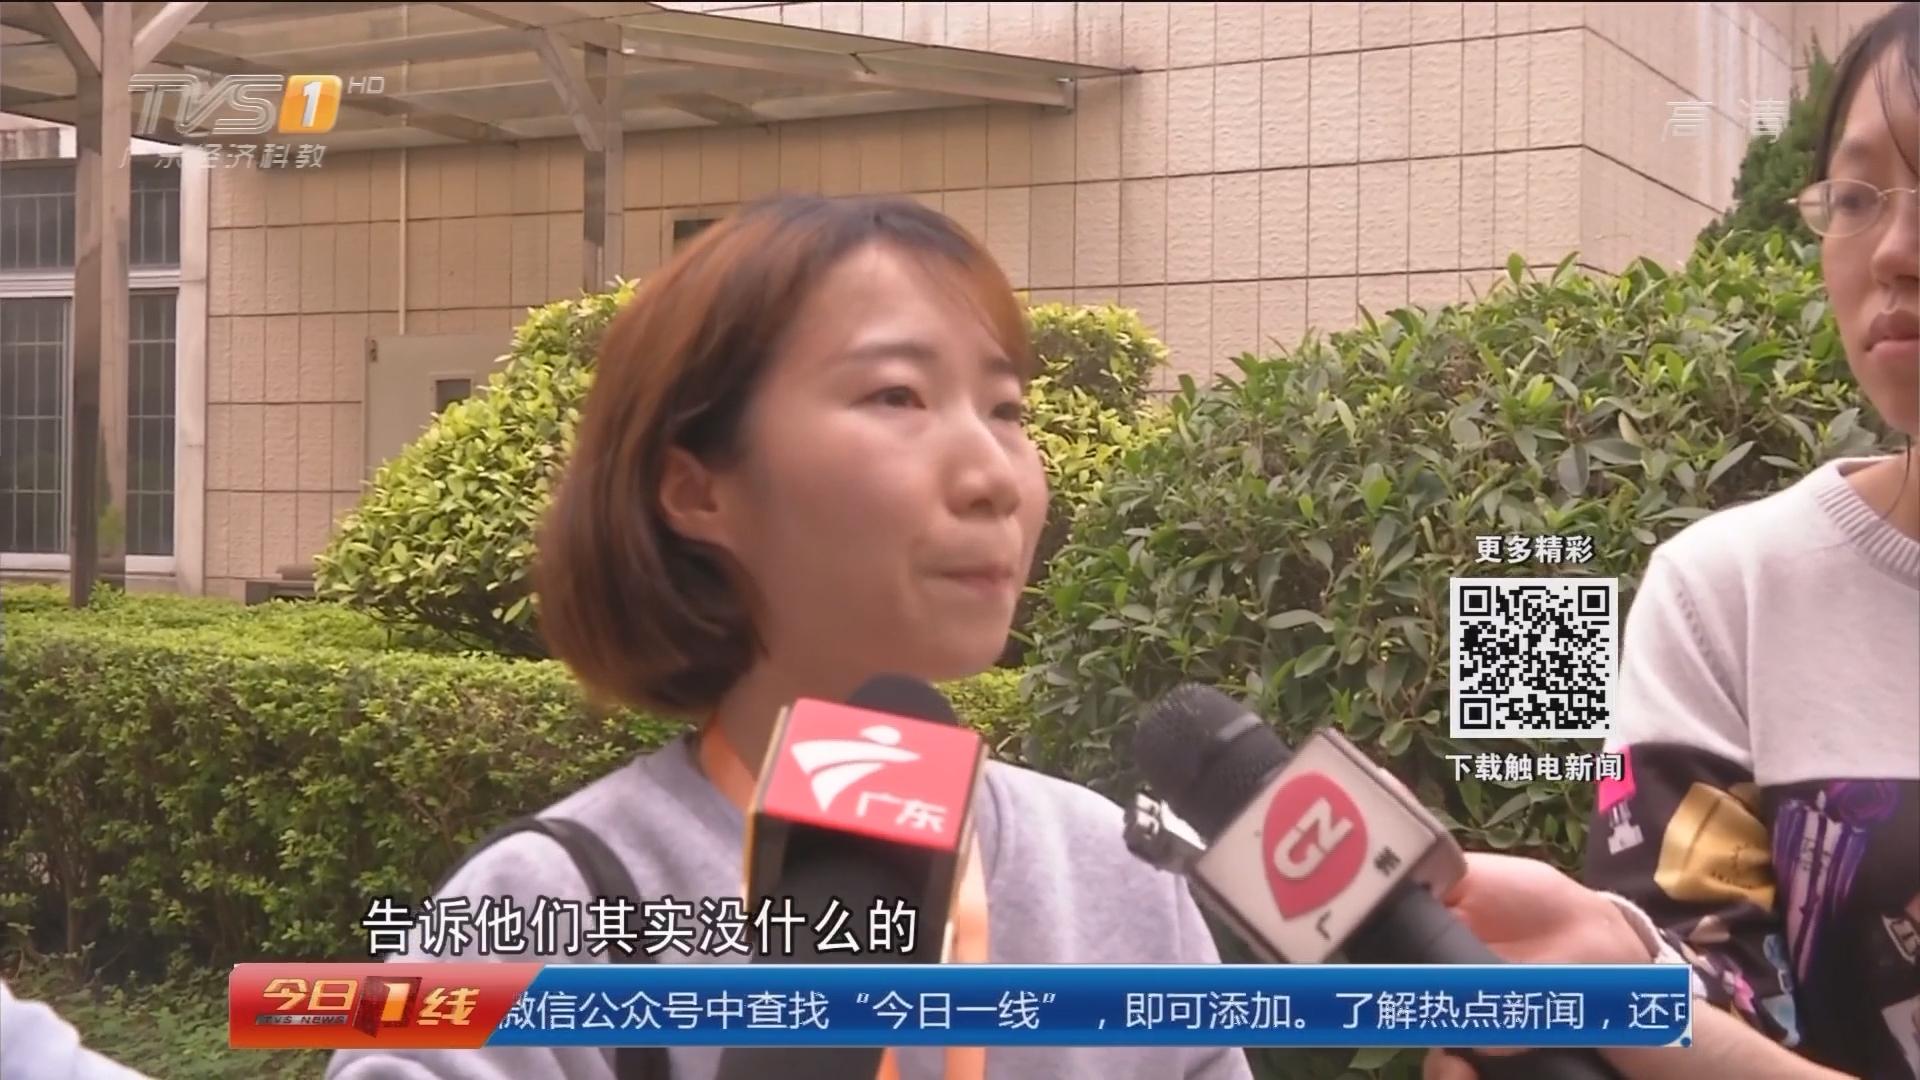 广州殡仪馆开放日:参观者社工近半 期待提升安老服务